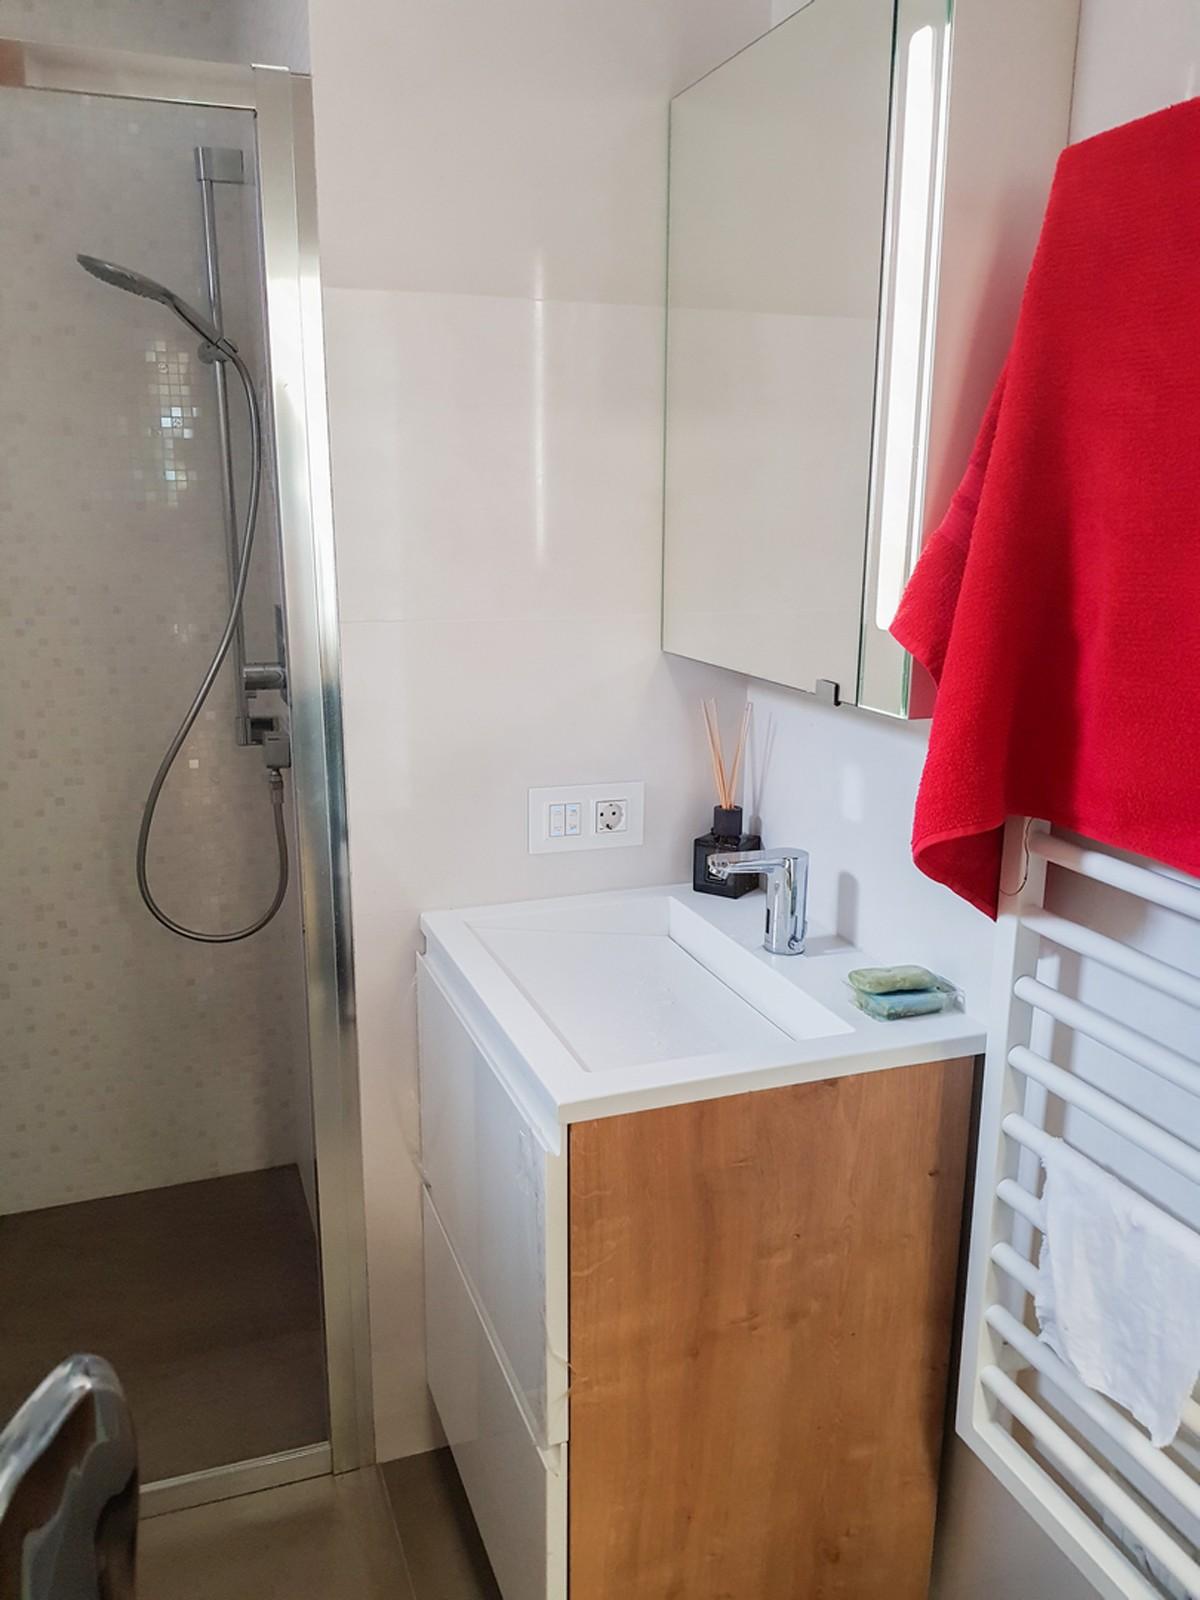 Referință - Mobilier pentru baie Nobilia Pura - Alb alpin